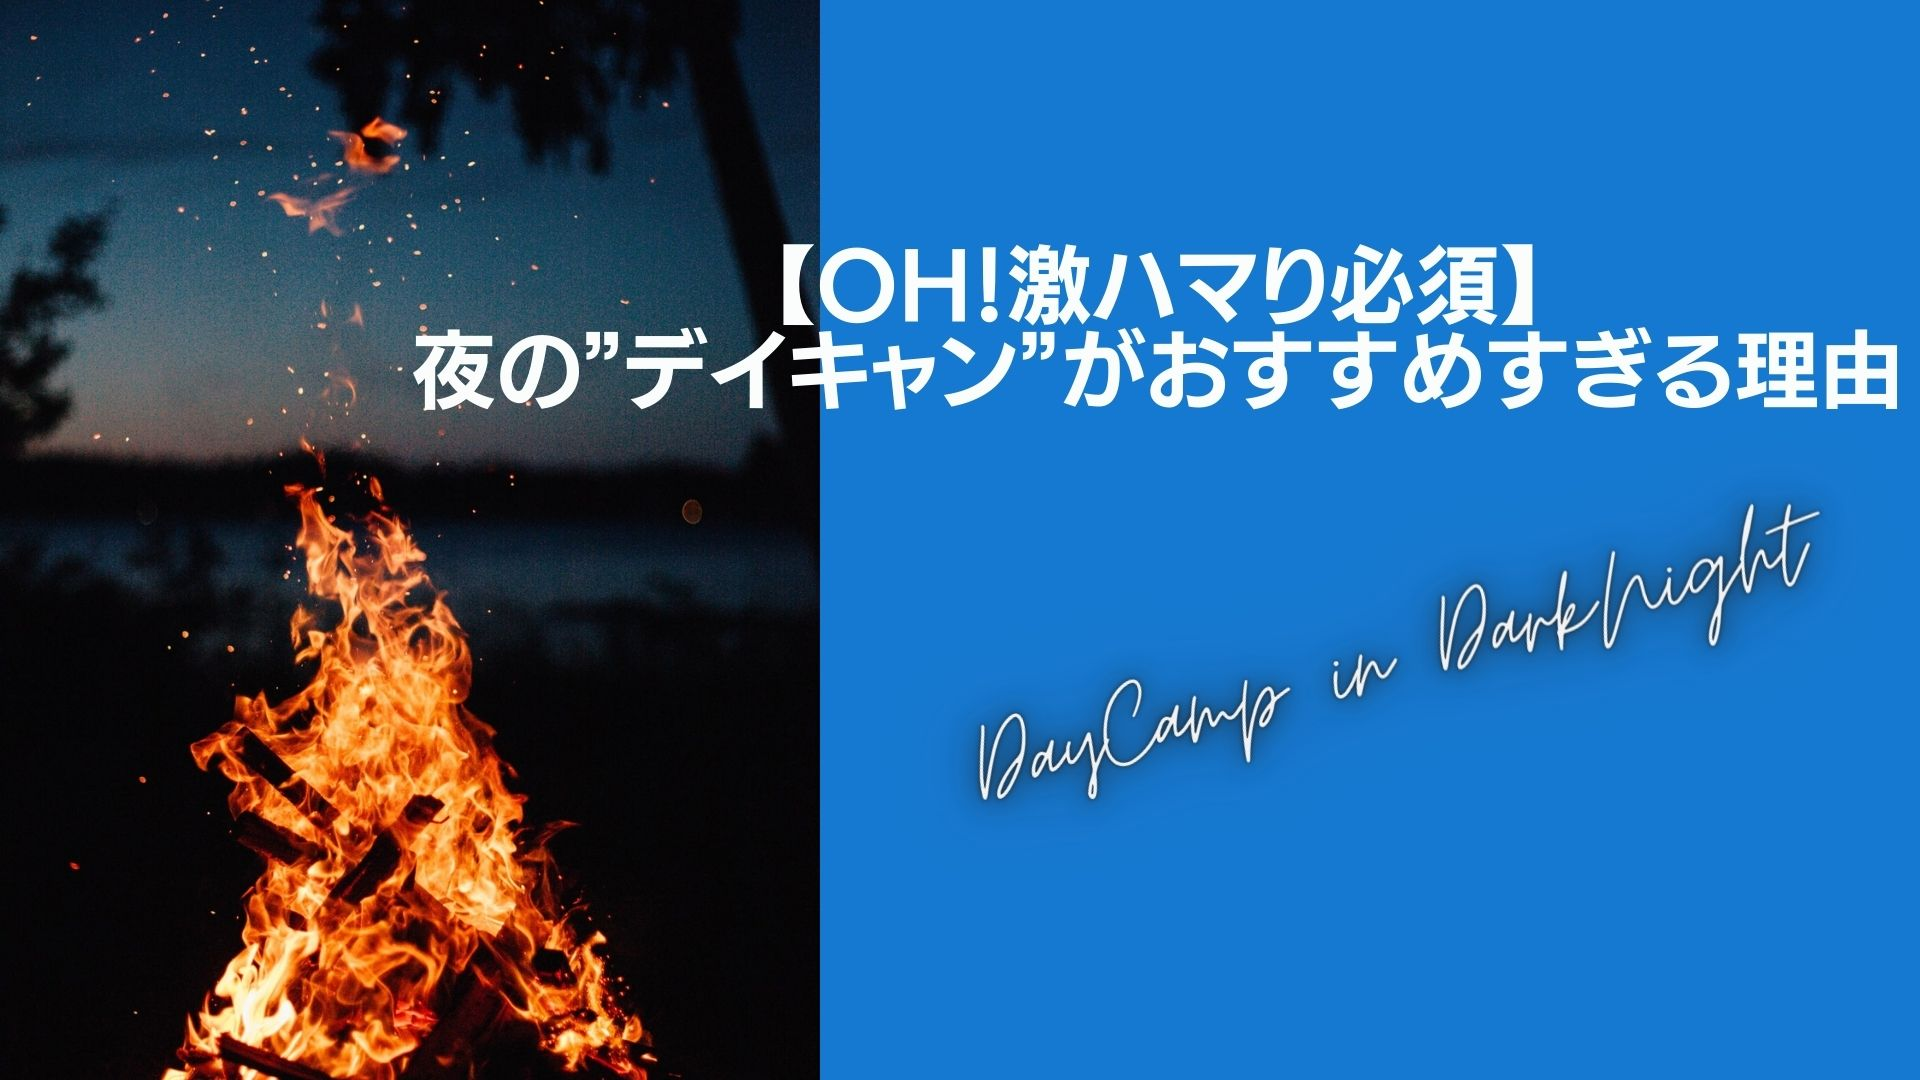 """【OH!激ハマり必須】夜の""""デイキャン""""がおすすめすぎる理由」"""